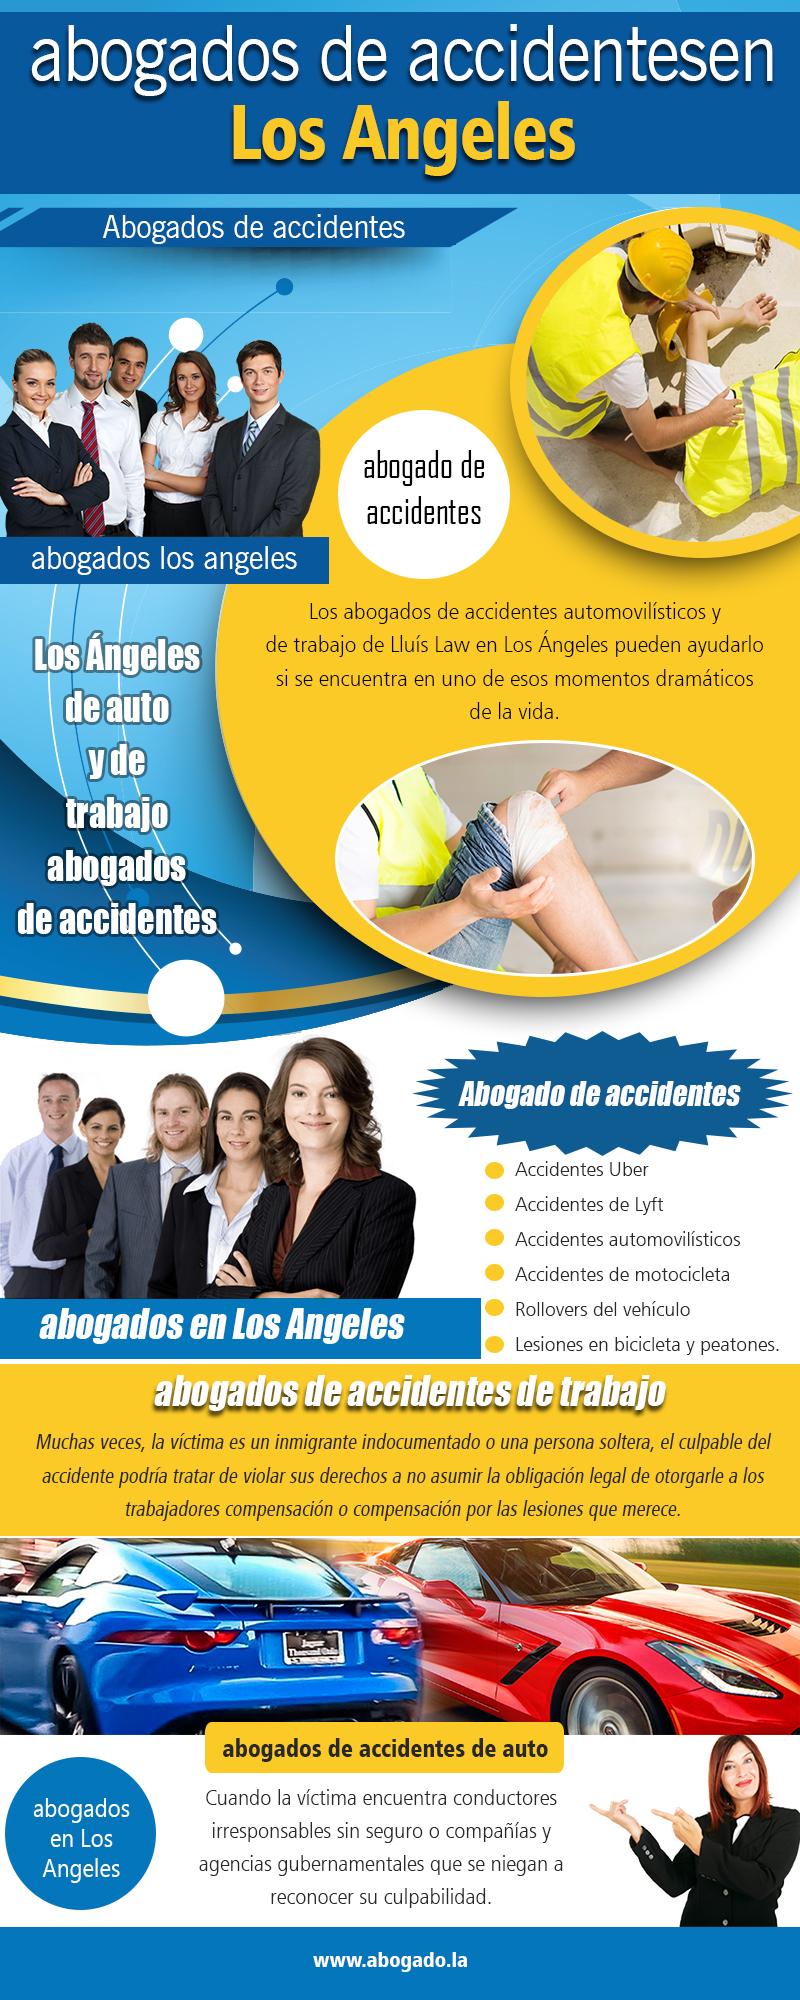 abogados de accidentesen LA